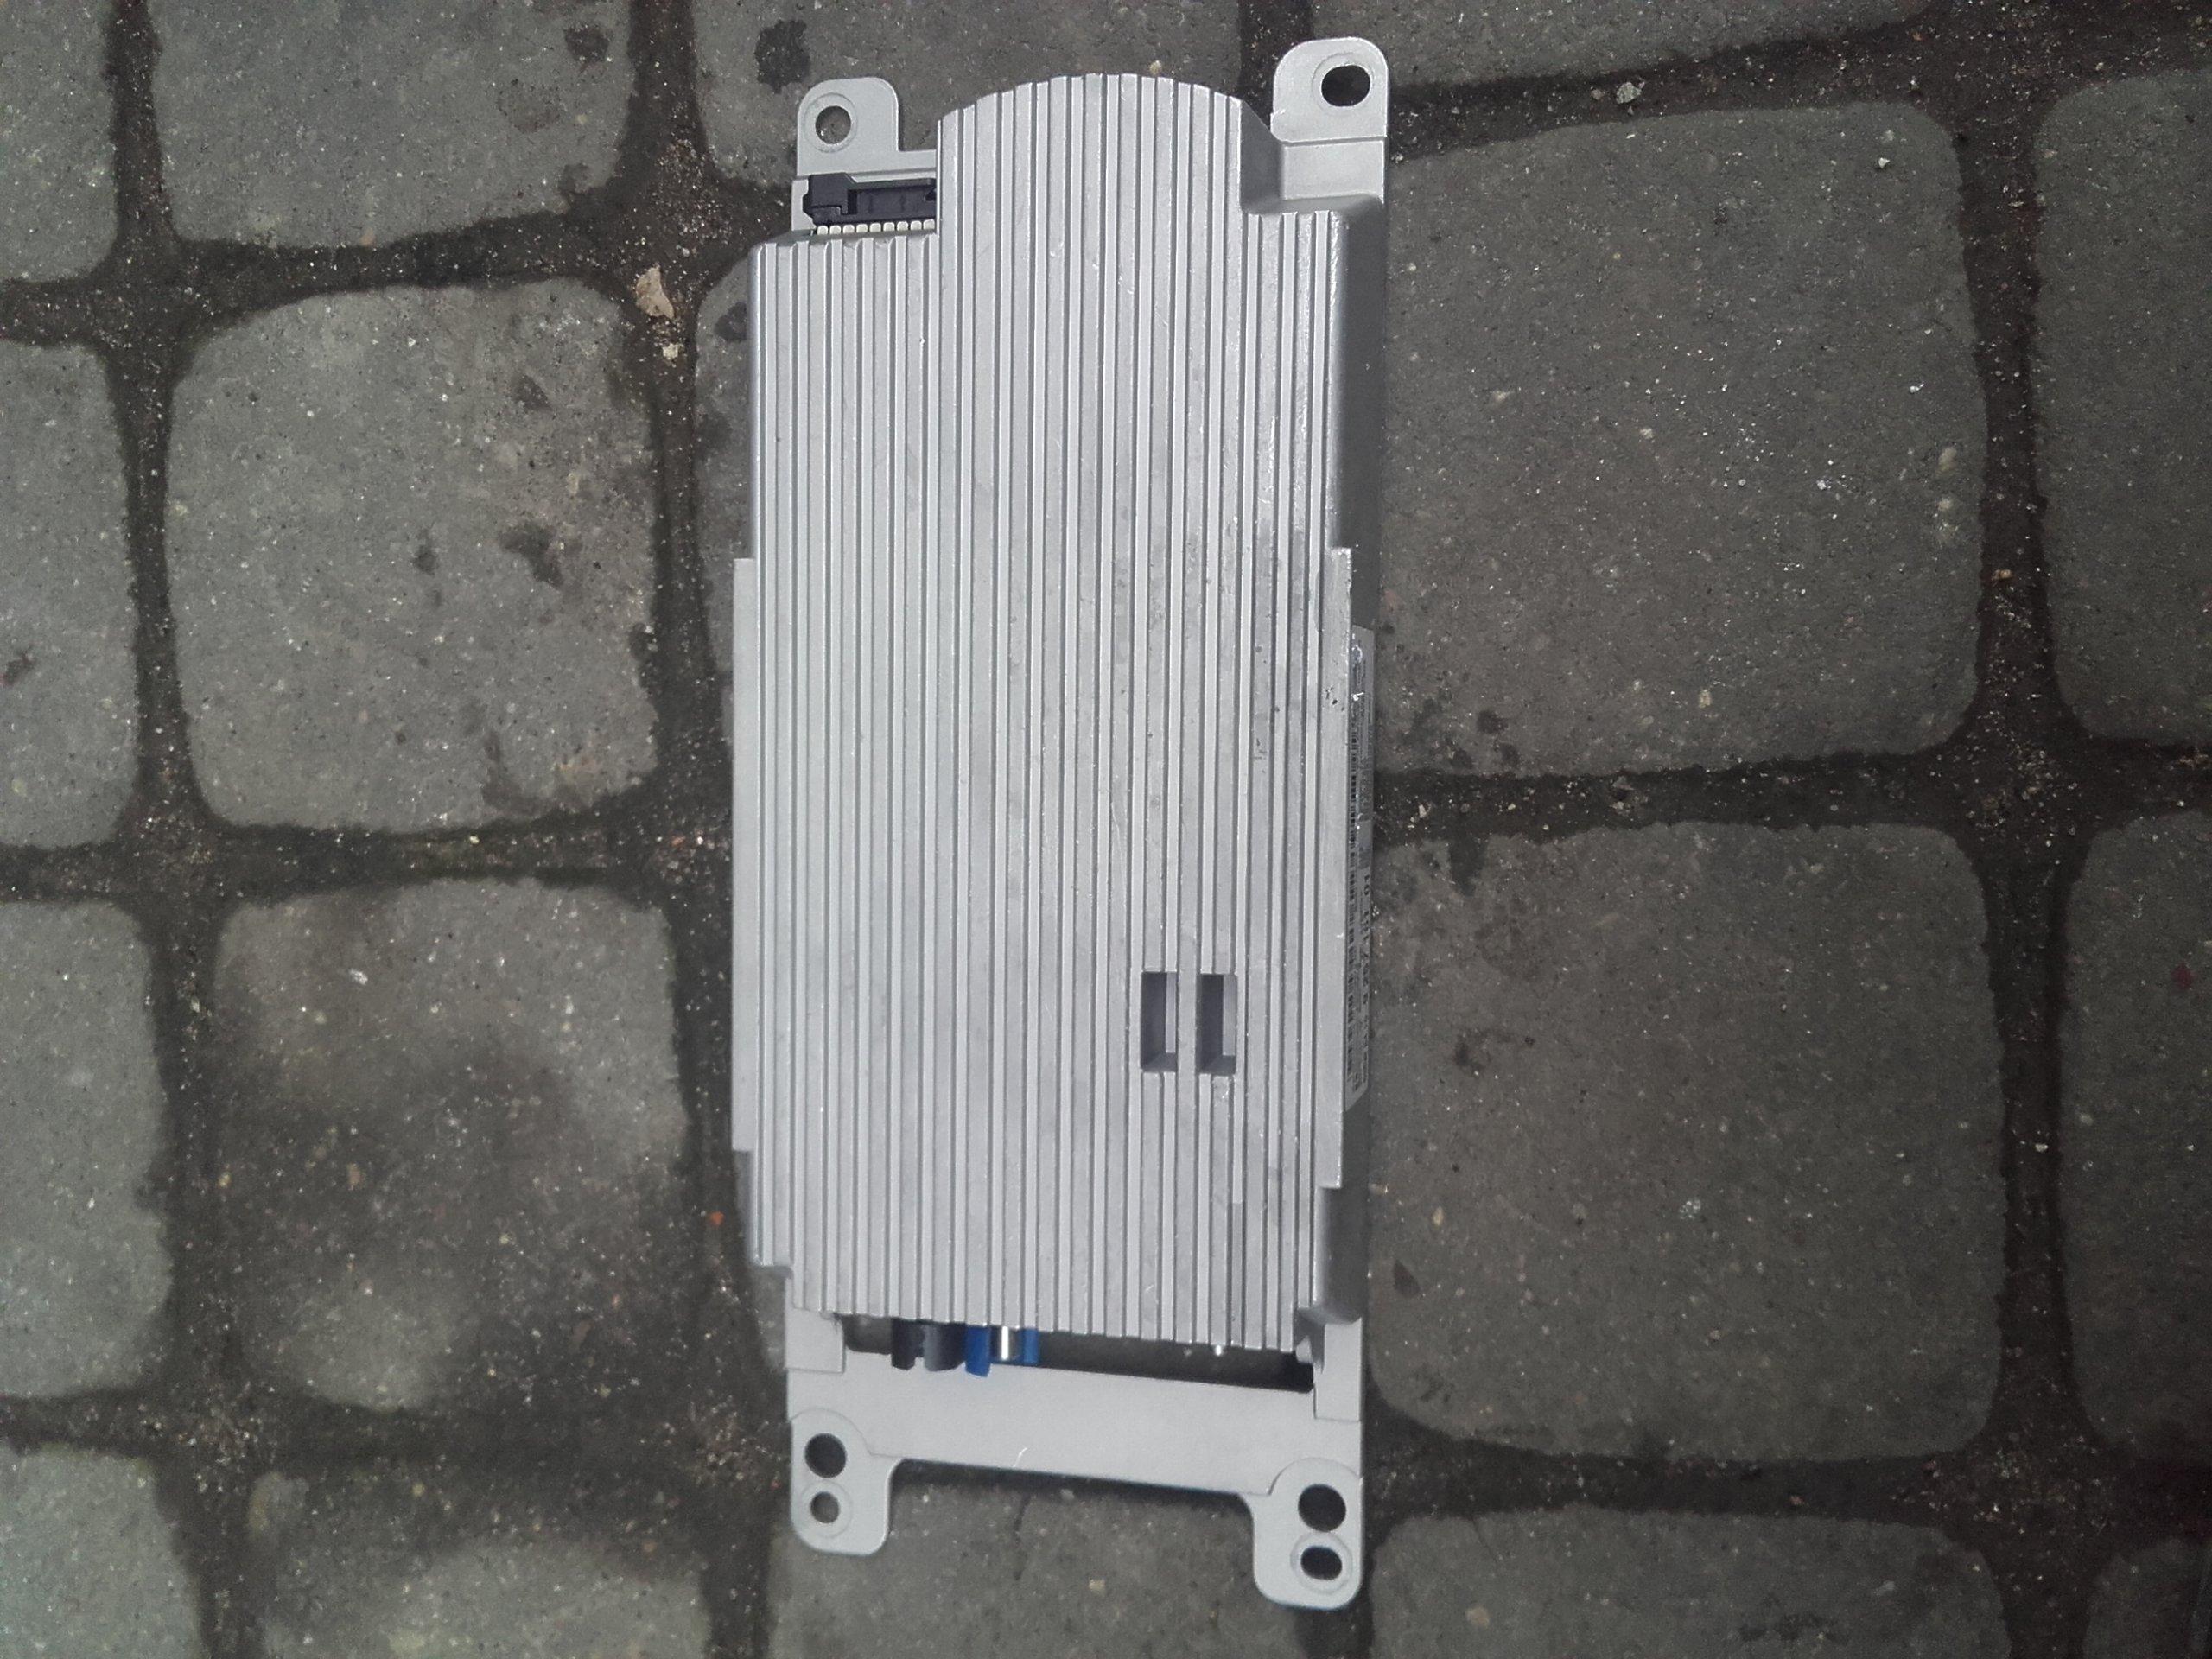 BMW X5 X6 COMBOX TELEMATIC 9257161 - 7065991189 - oficjalne archiwum